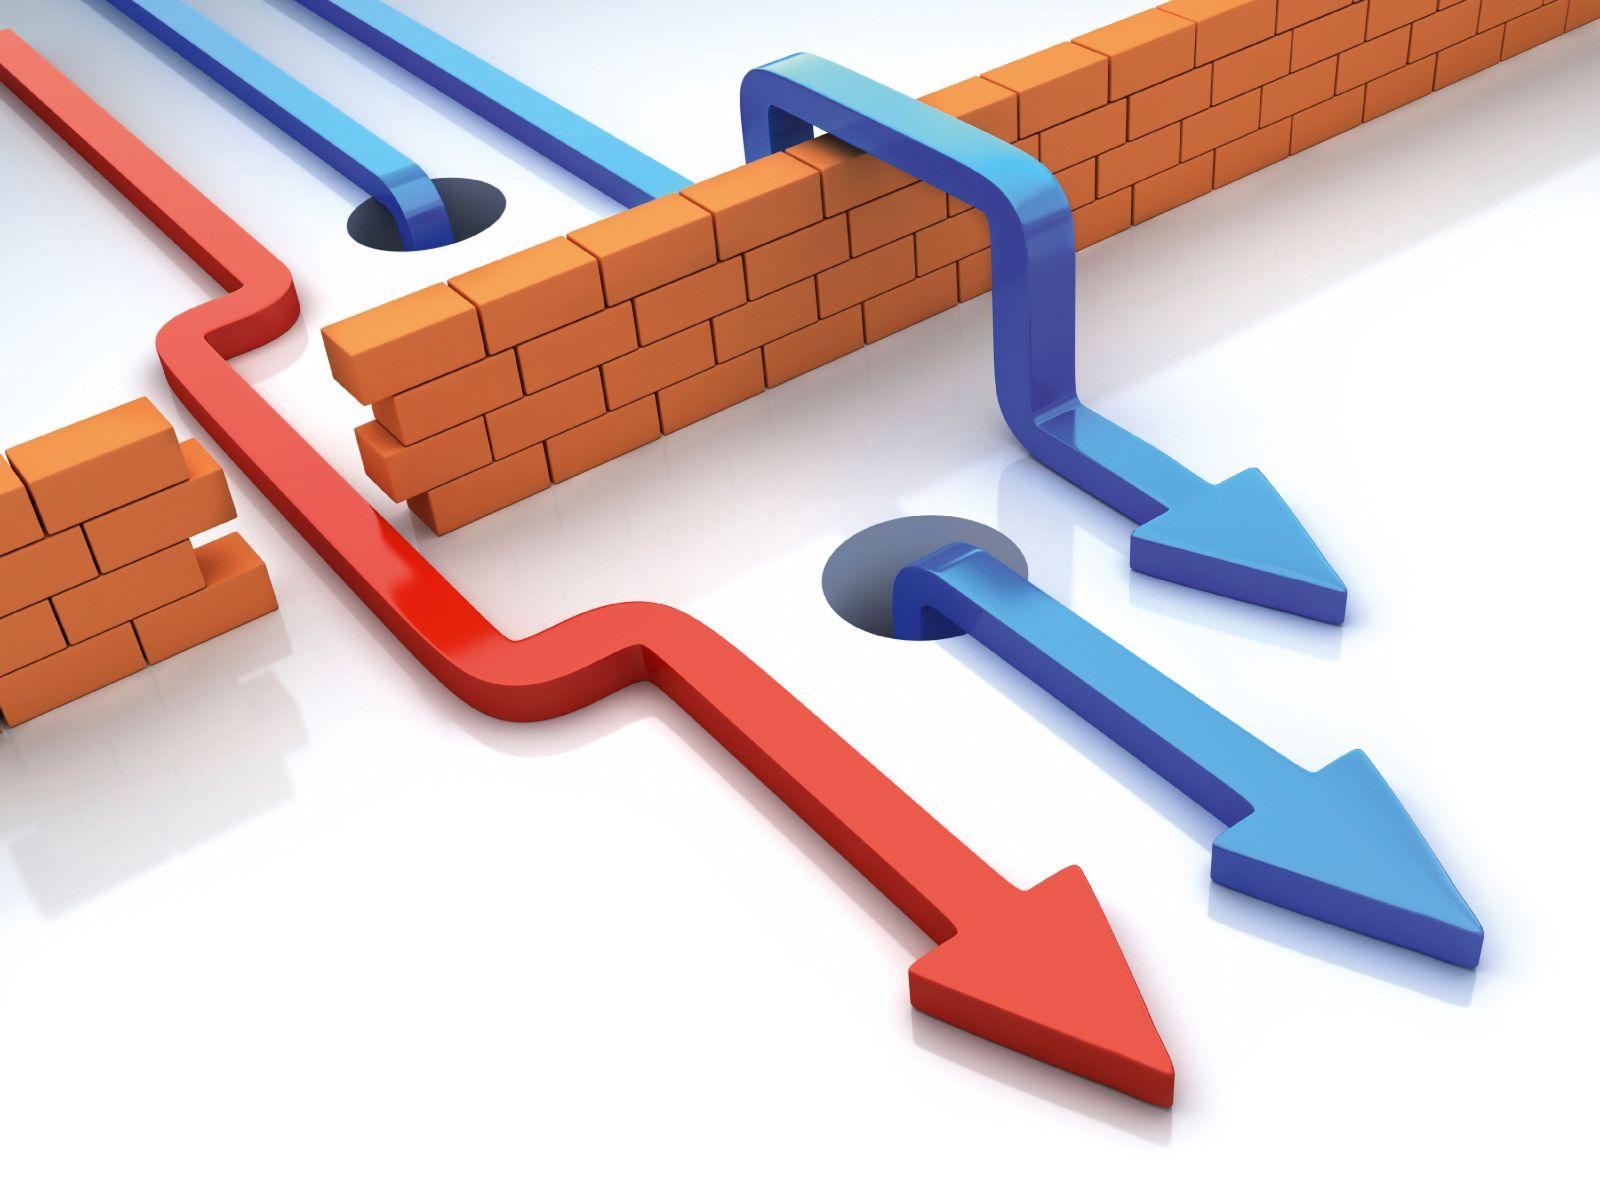 Chọn thị trường ngách quyết định con đường kinh doanh thành bại